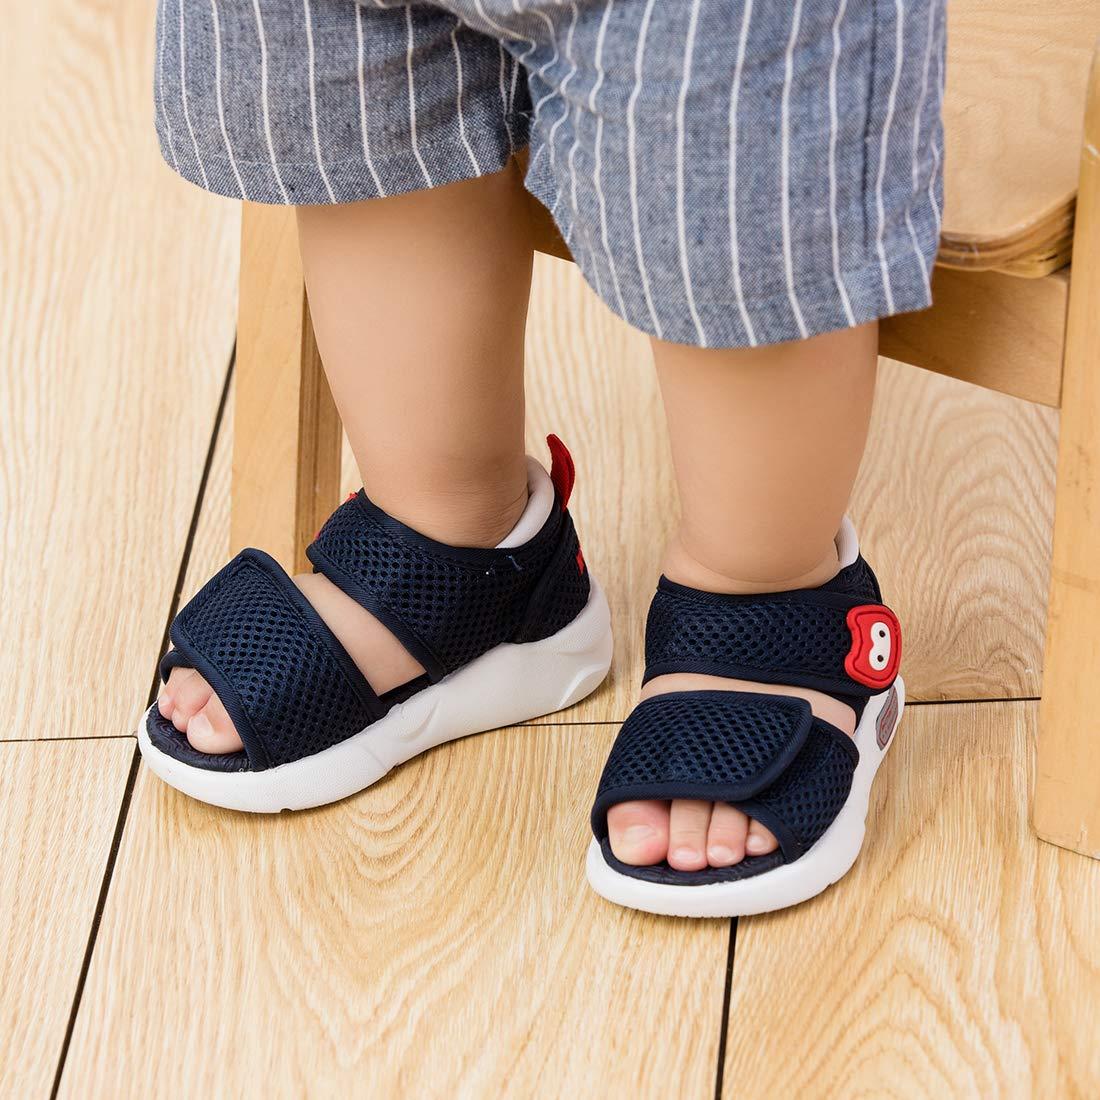 Toddler//Little Kid BMCiTYBM Boys Girls Sport Water Sandals Closed-Toe Outdoor Beach Summer